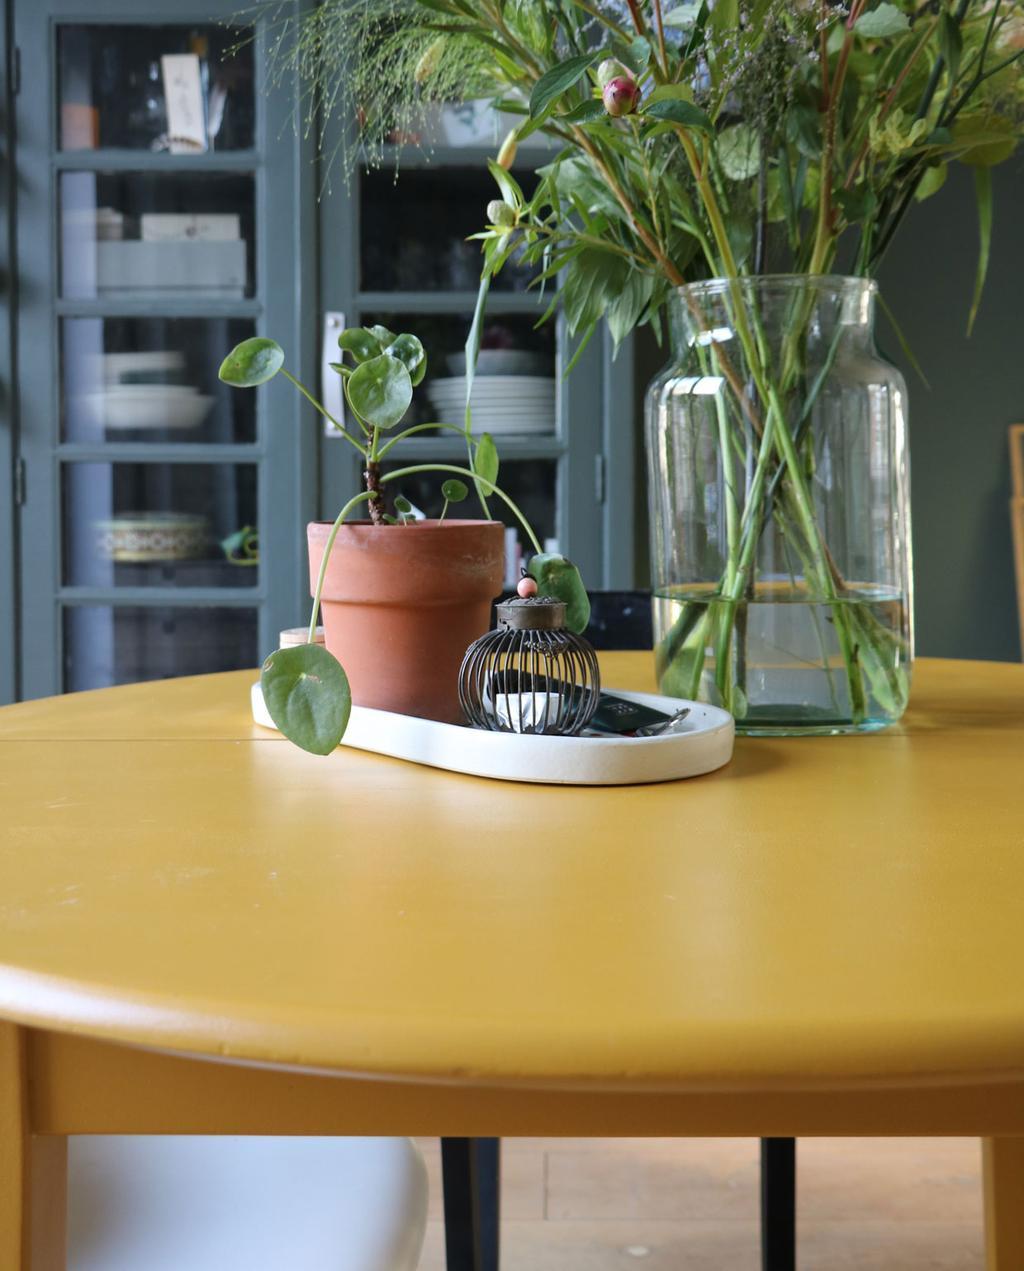 vtwonen en marktplaats   de interieurvondst van rolien: ronde uitschuifbare tafel   okergele ronde eettafel